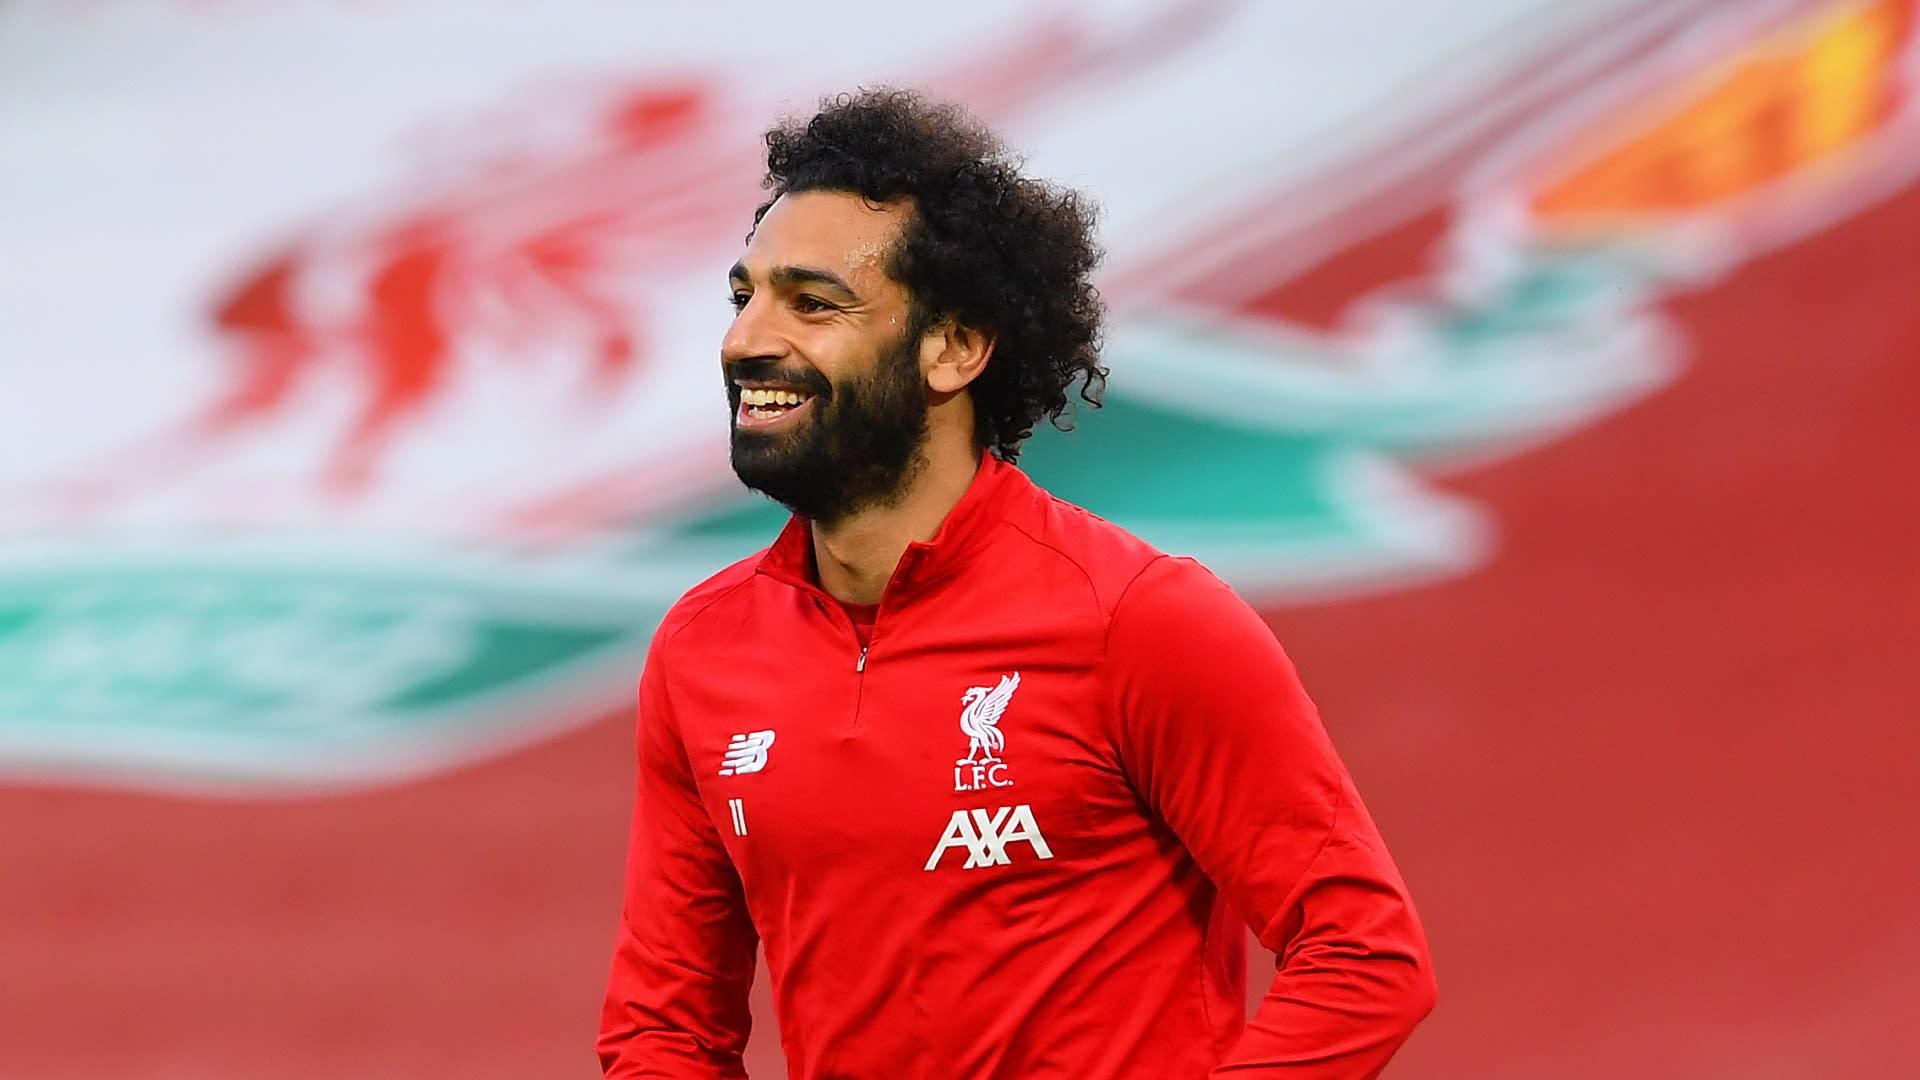 Salah £12m, De Bruyne £11.5m: Fantasy Premier League reveal big-name player prices ahead of 2020-21 season